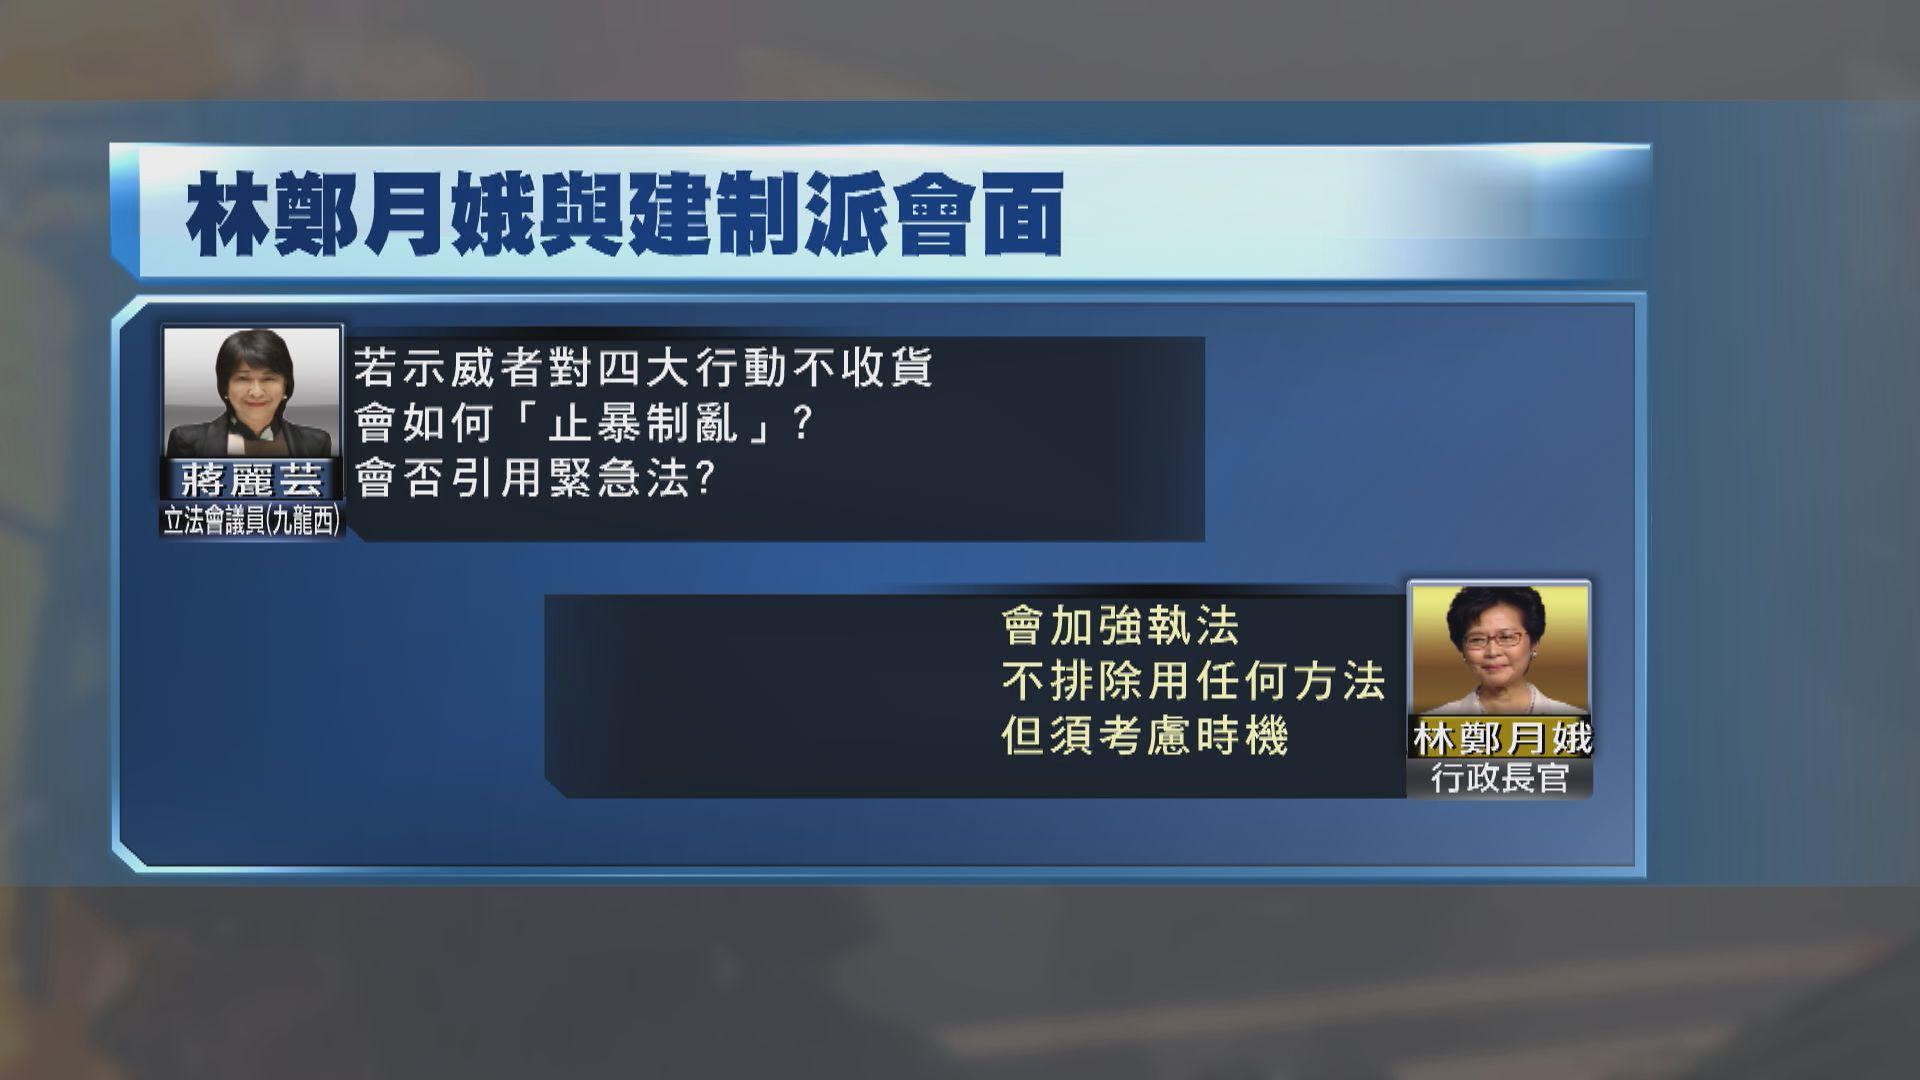 消息:林鄭提四大行動冀中間派「收貨」